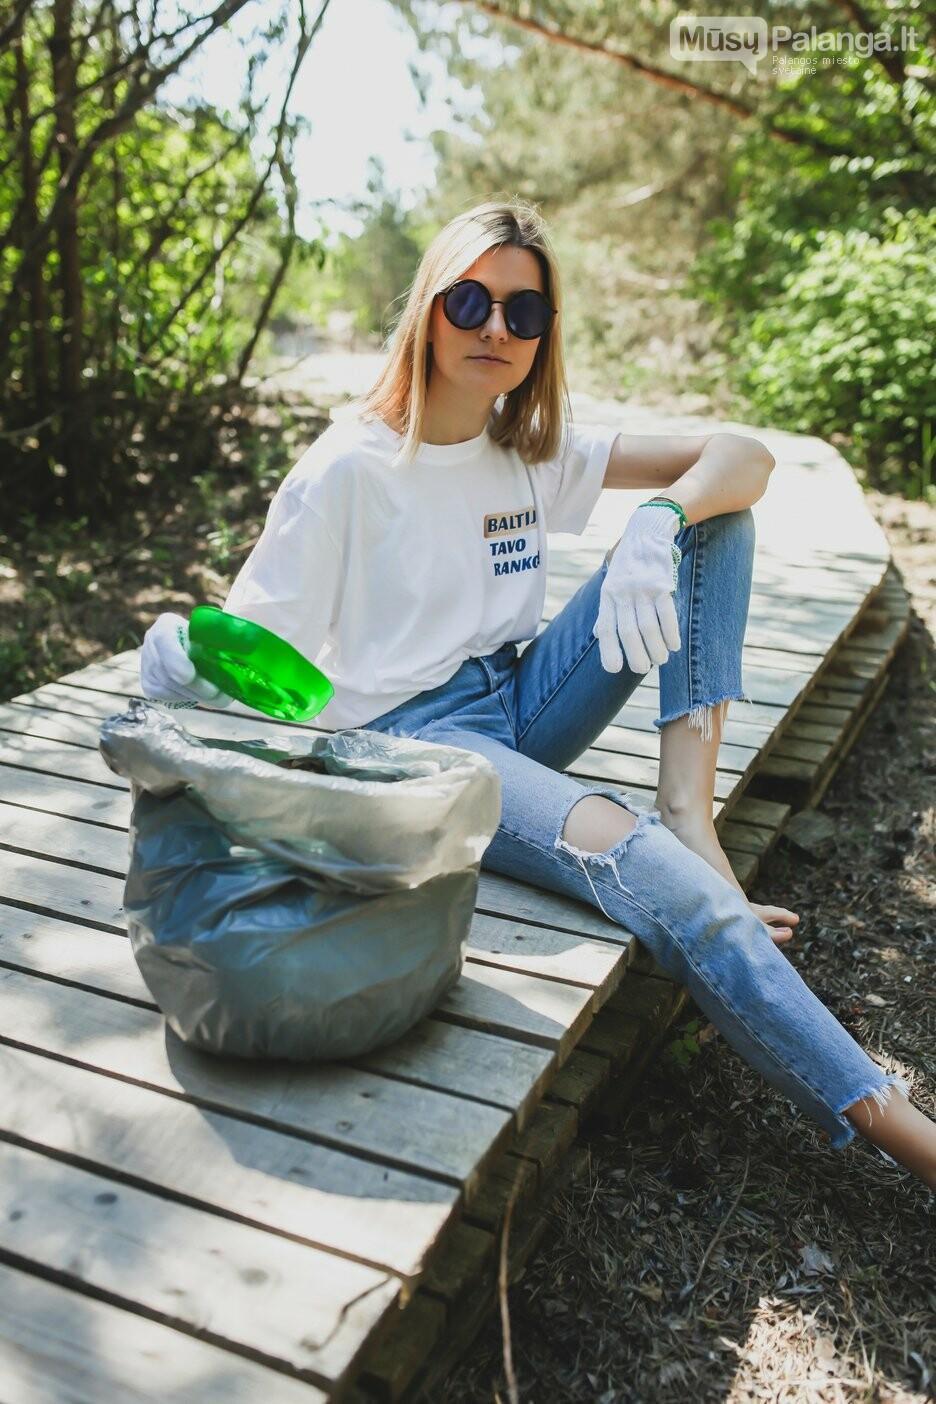 Žinomos moterys skatina šią vasarą švarinti Baltijos pajūrį: tarp kopose rastų šiukšlių – medicininės kaukės ir puodo dangtis, nuotrauka-3